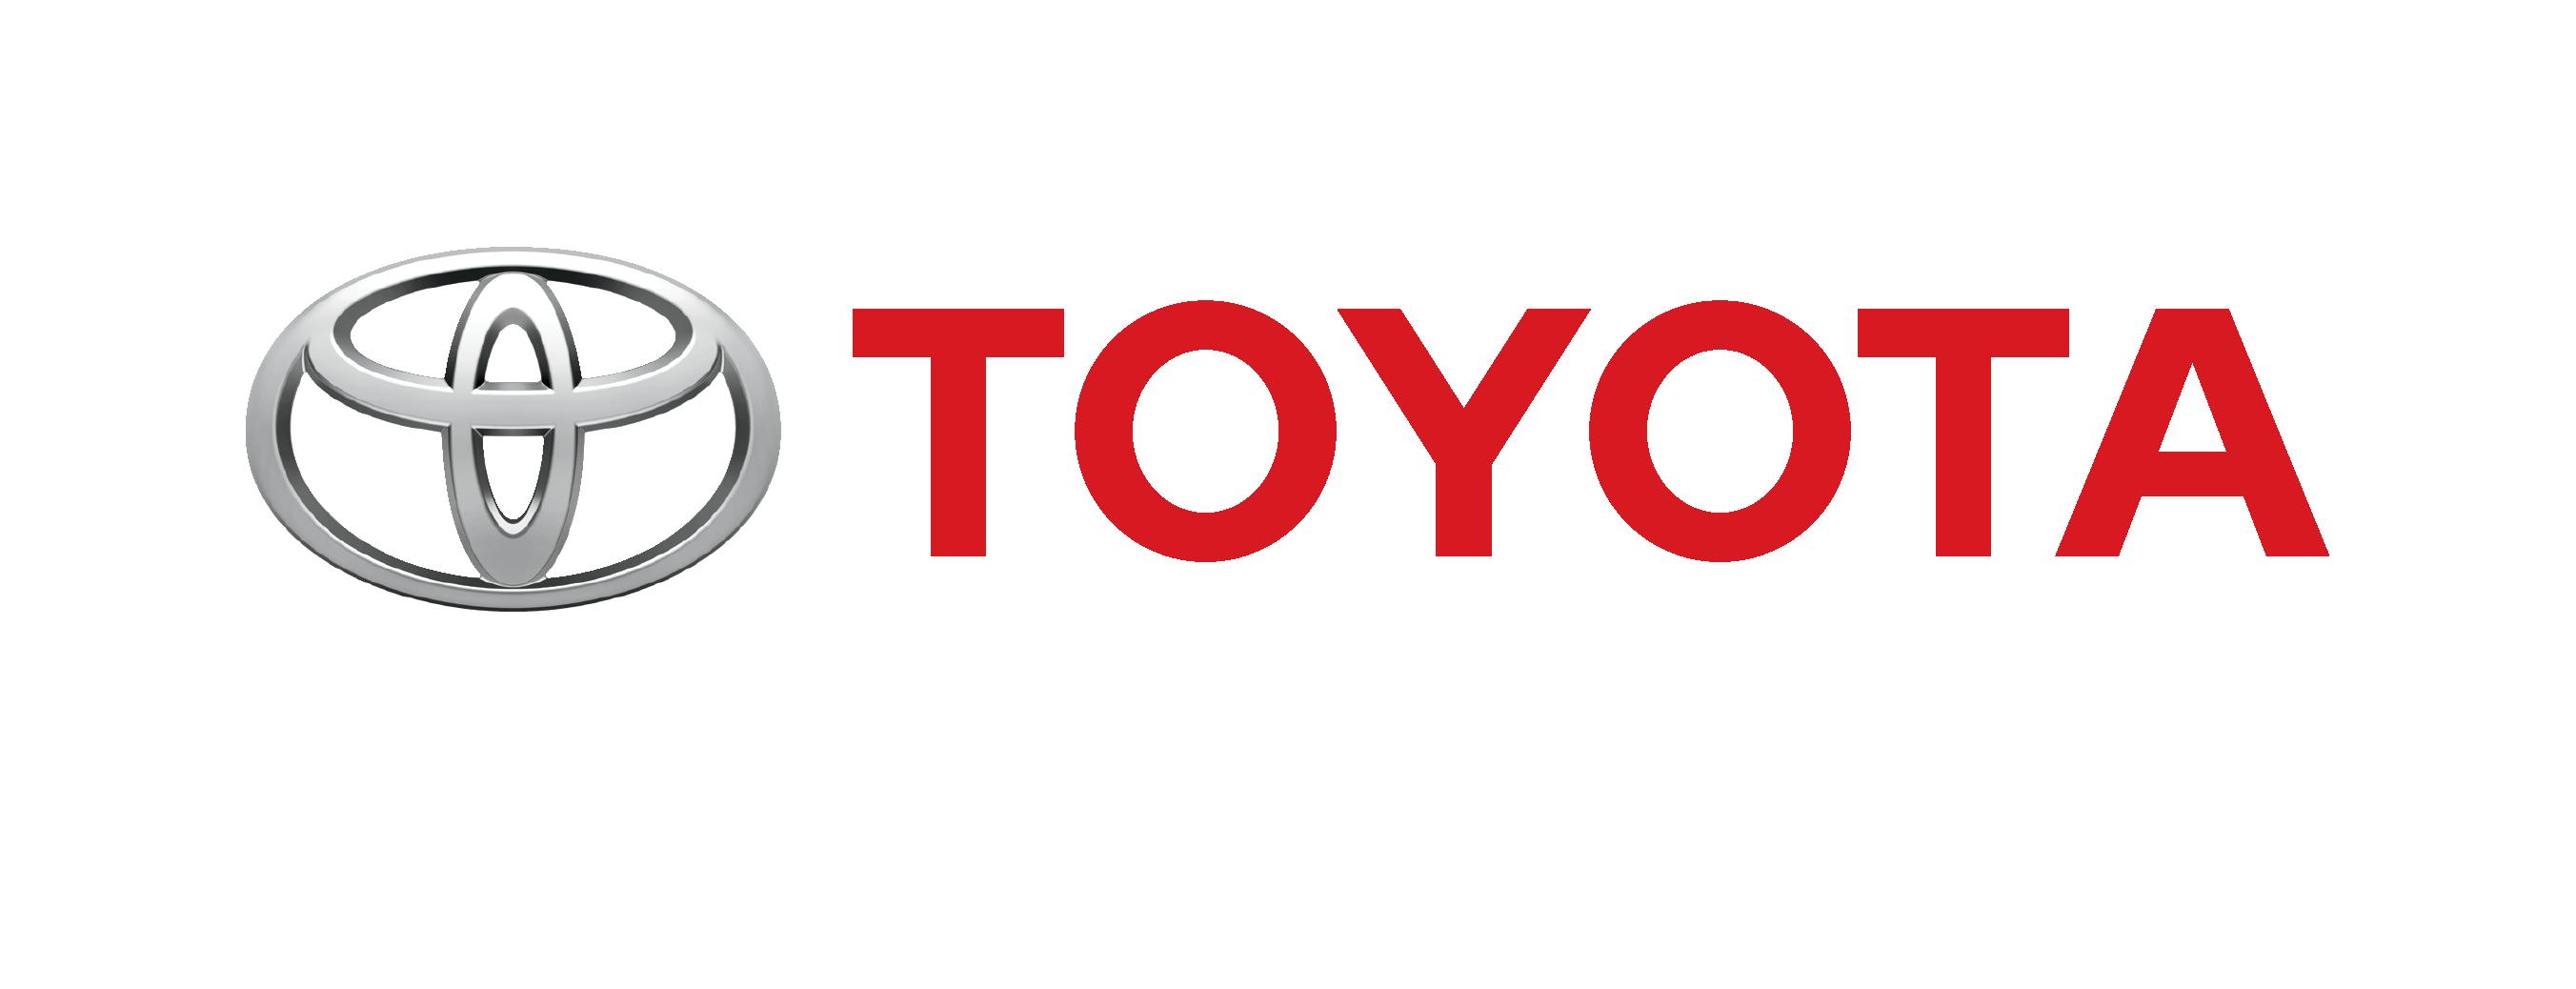 Momentum Toyota of Fairfield ToyotaCare